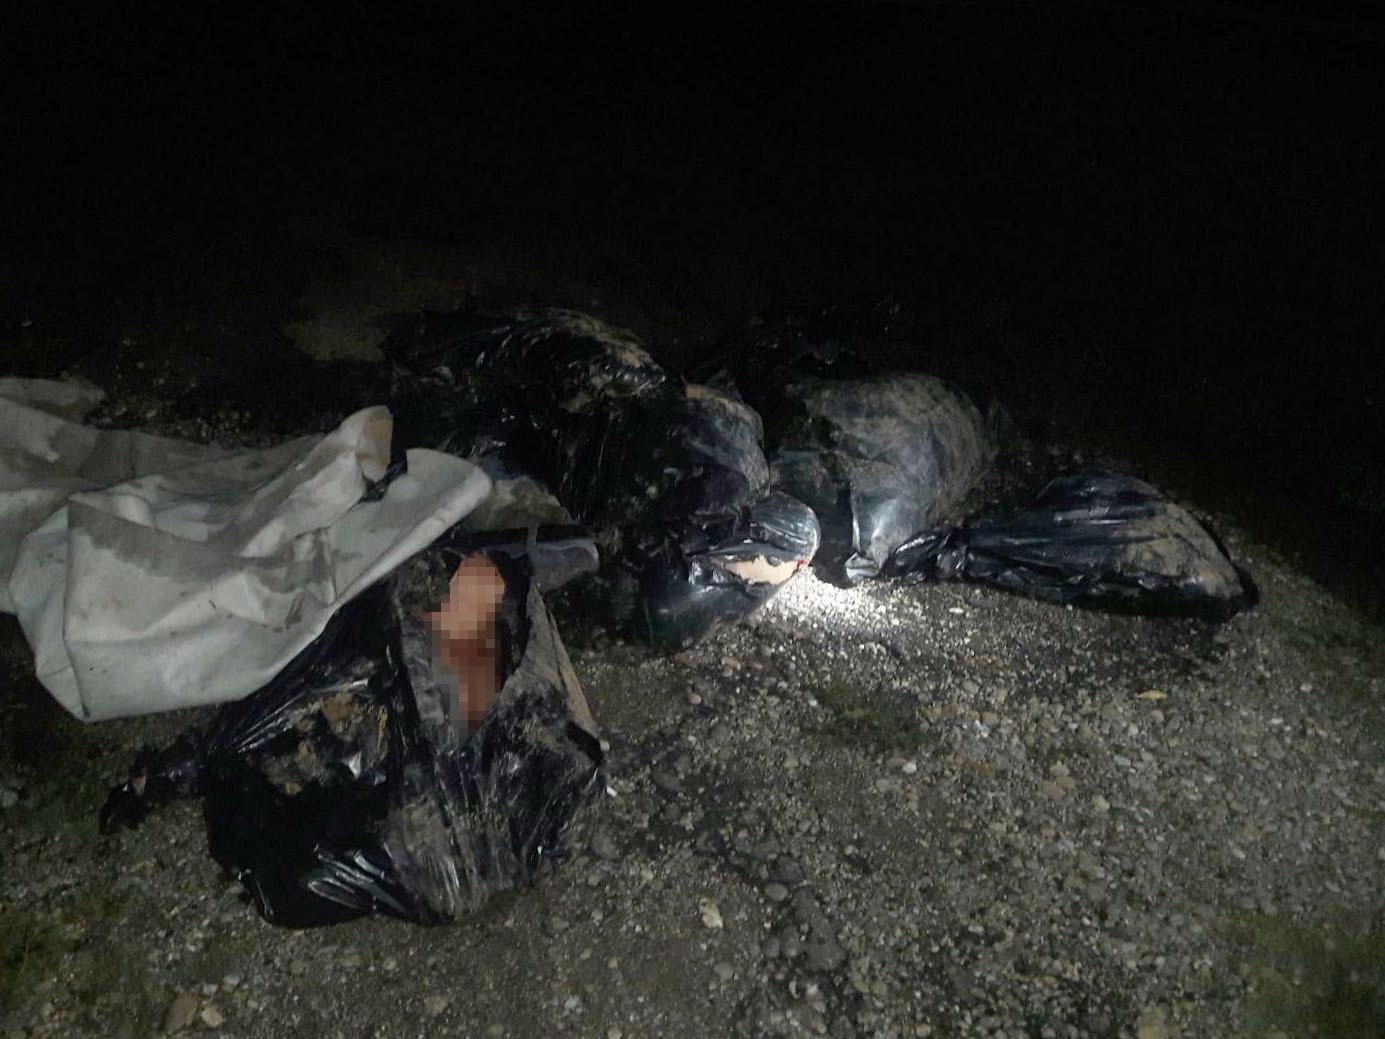 Encuentran bolsas con tres cuerpos mutilados en Cosamaloapan